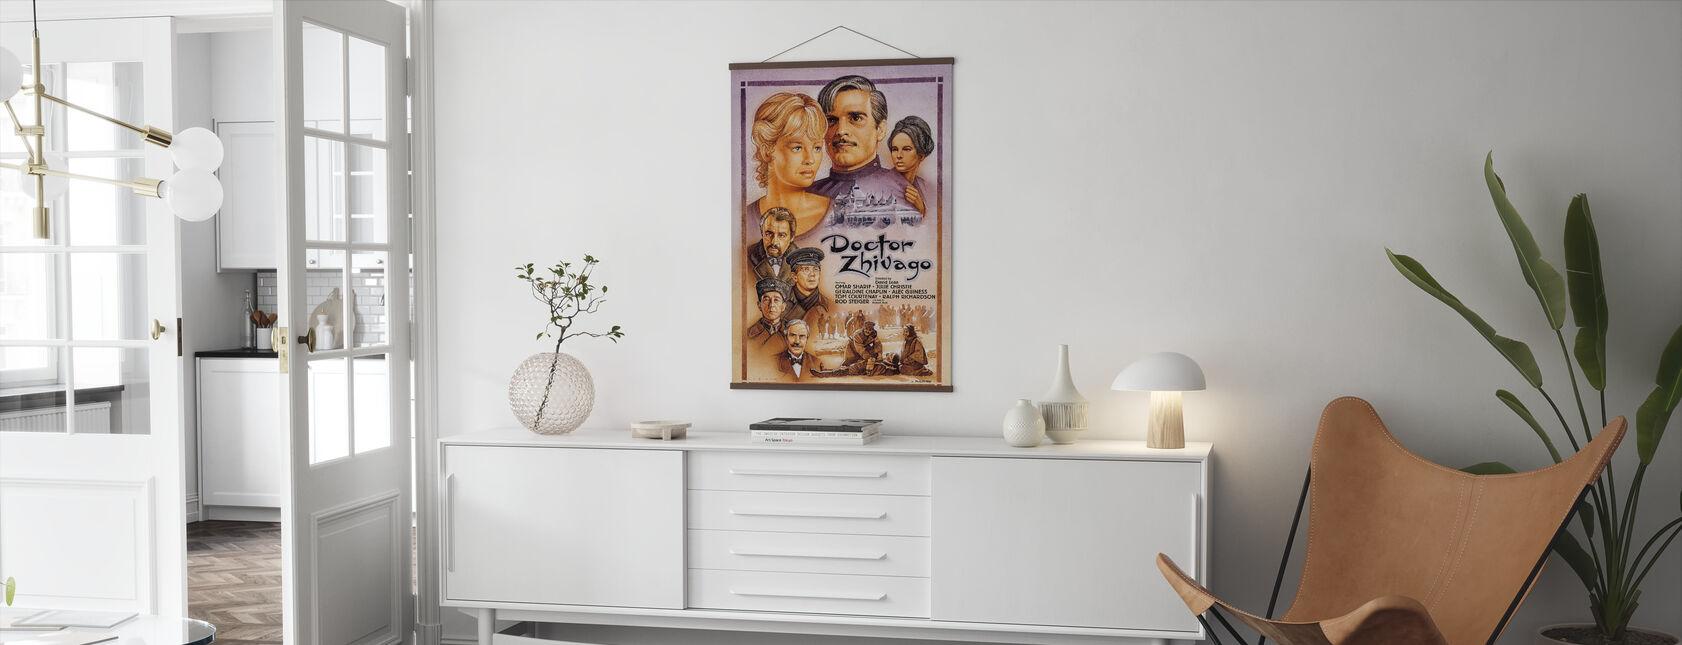 Doktor Żywago - Plakat - Pokój dzienny